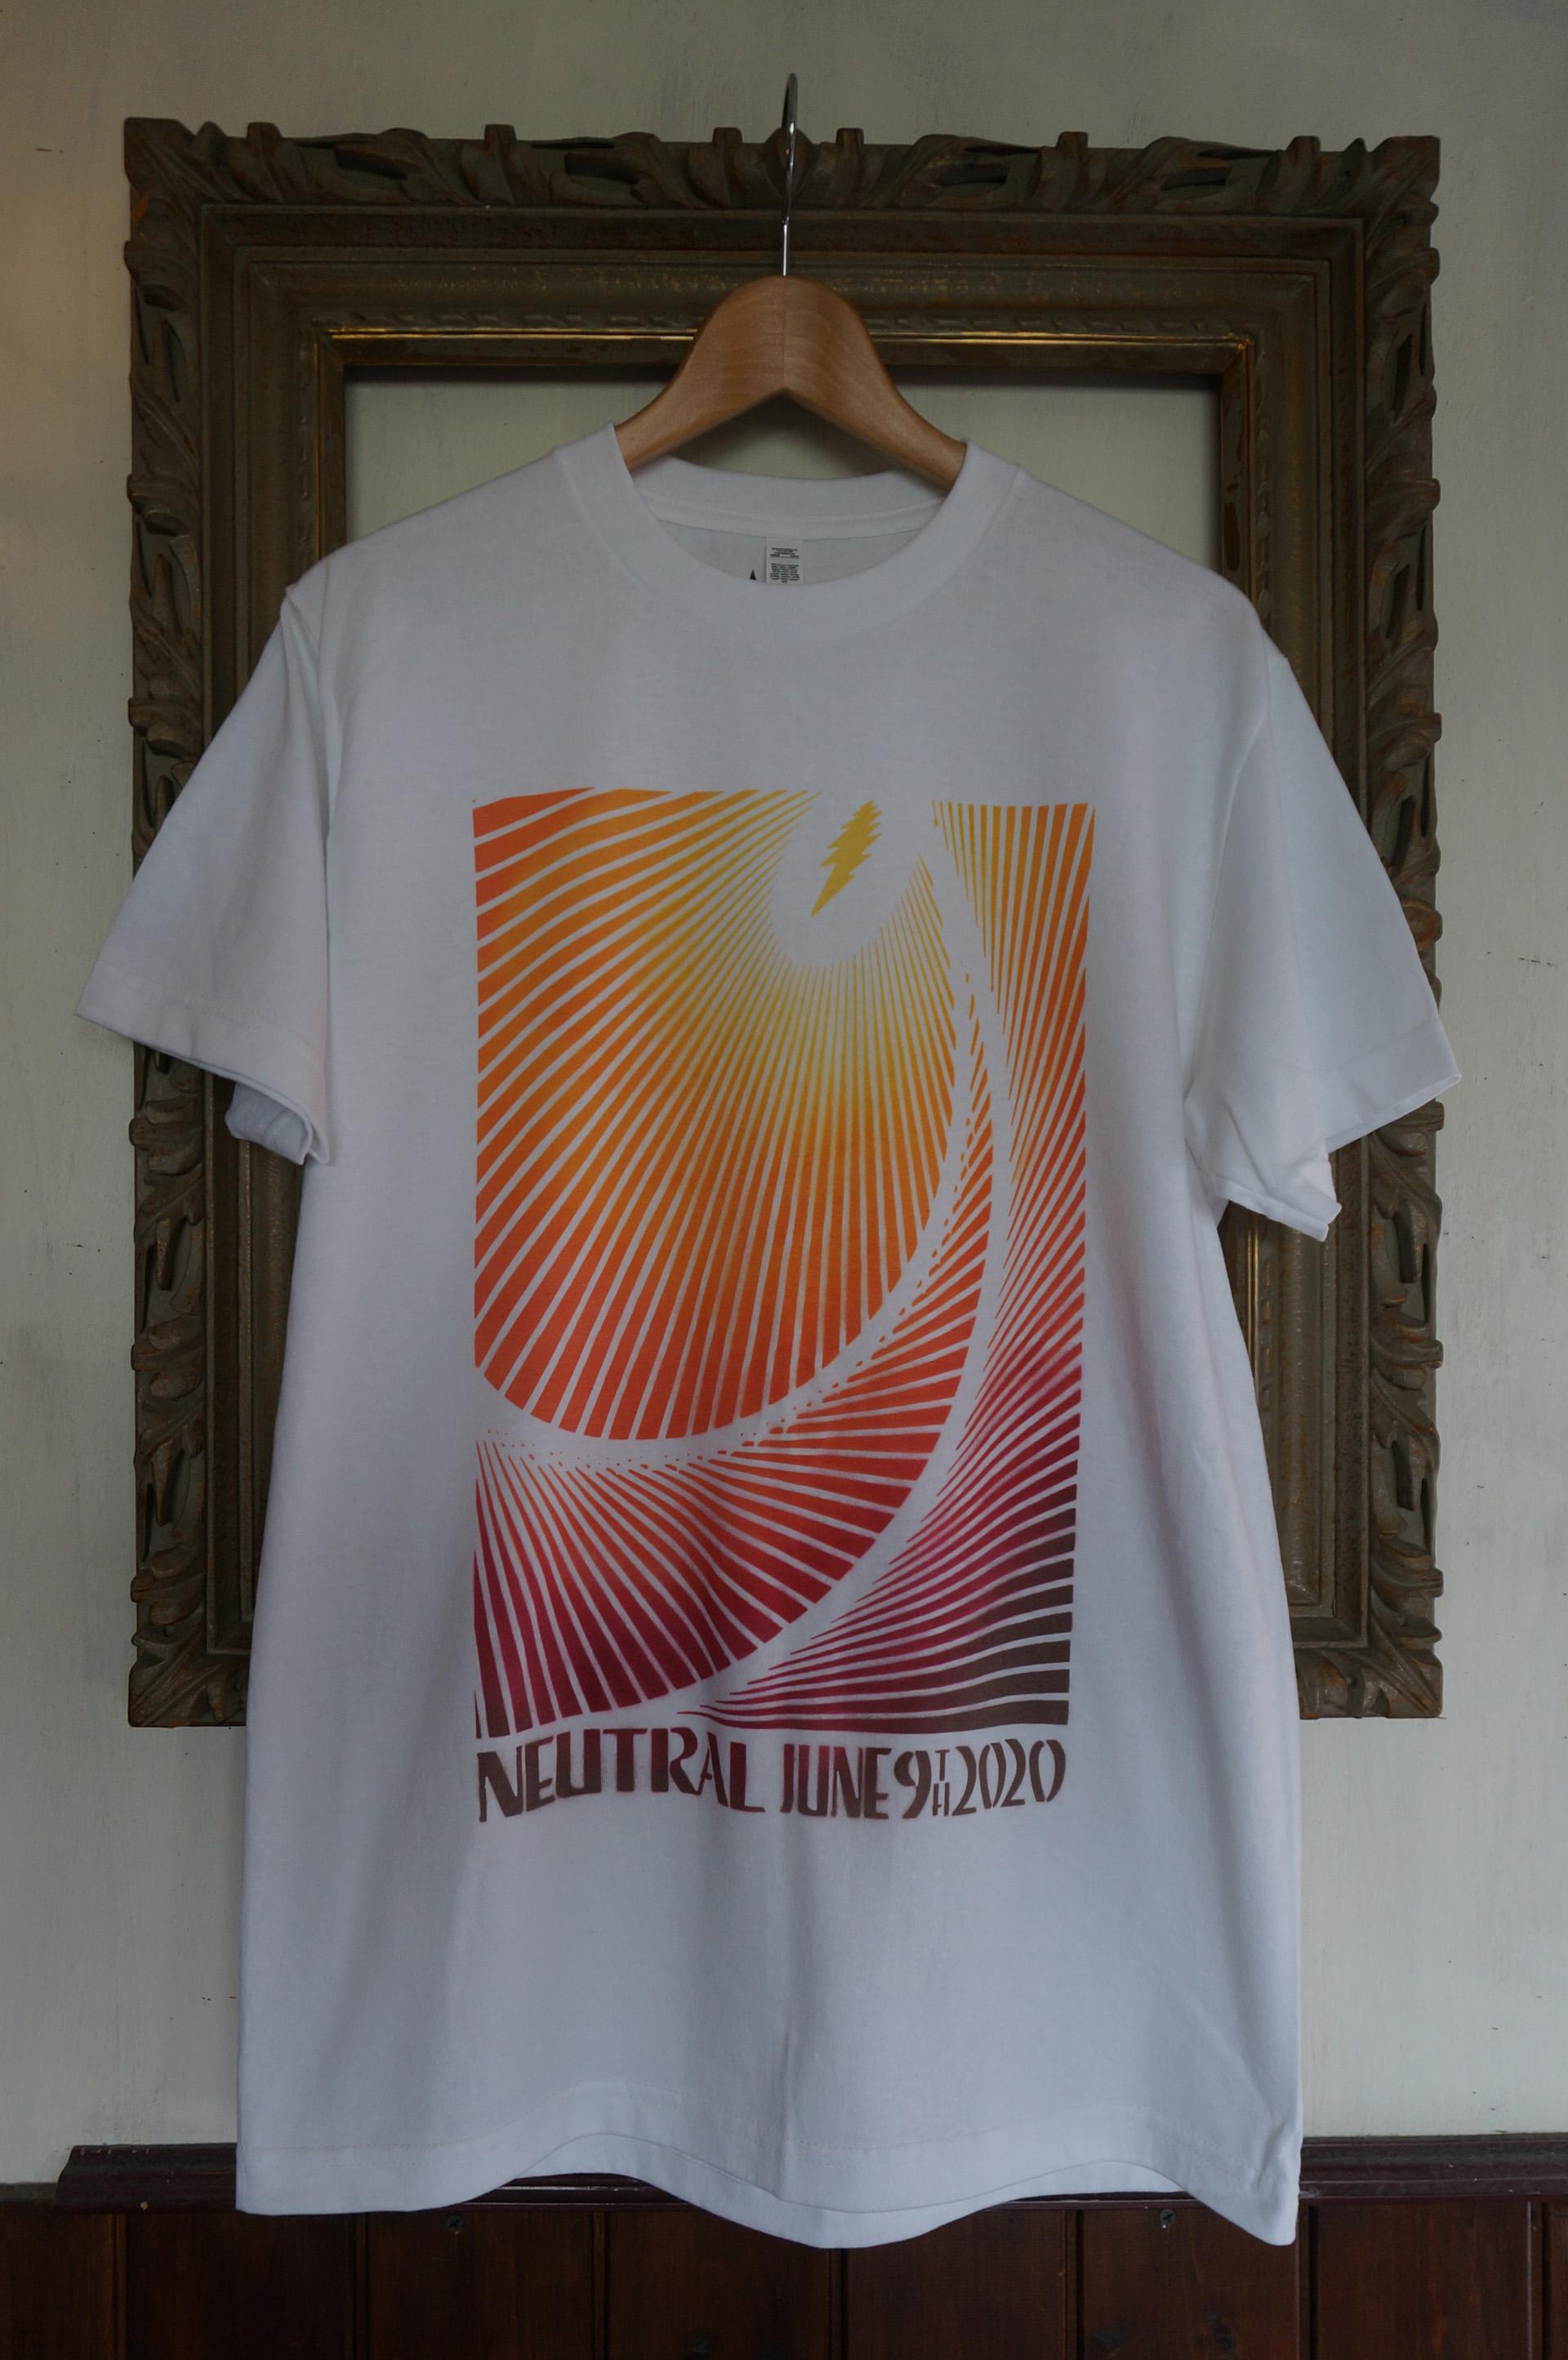 NEUTRAL ニュートラル 9tn anniversary 9周年 stencil ステンシルTシャツ